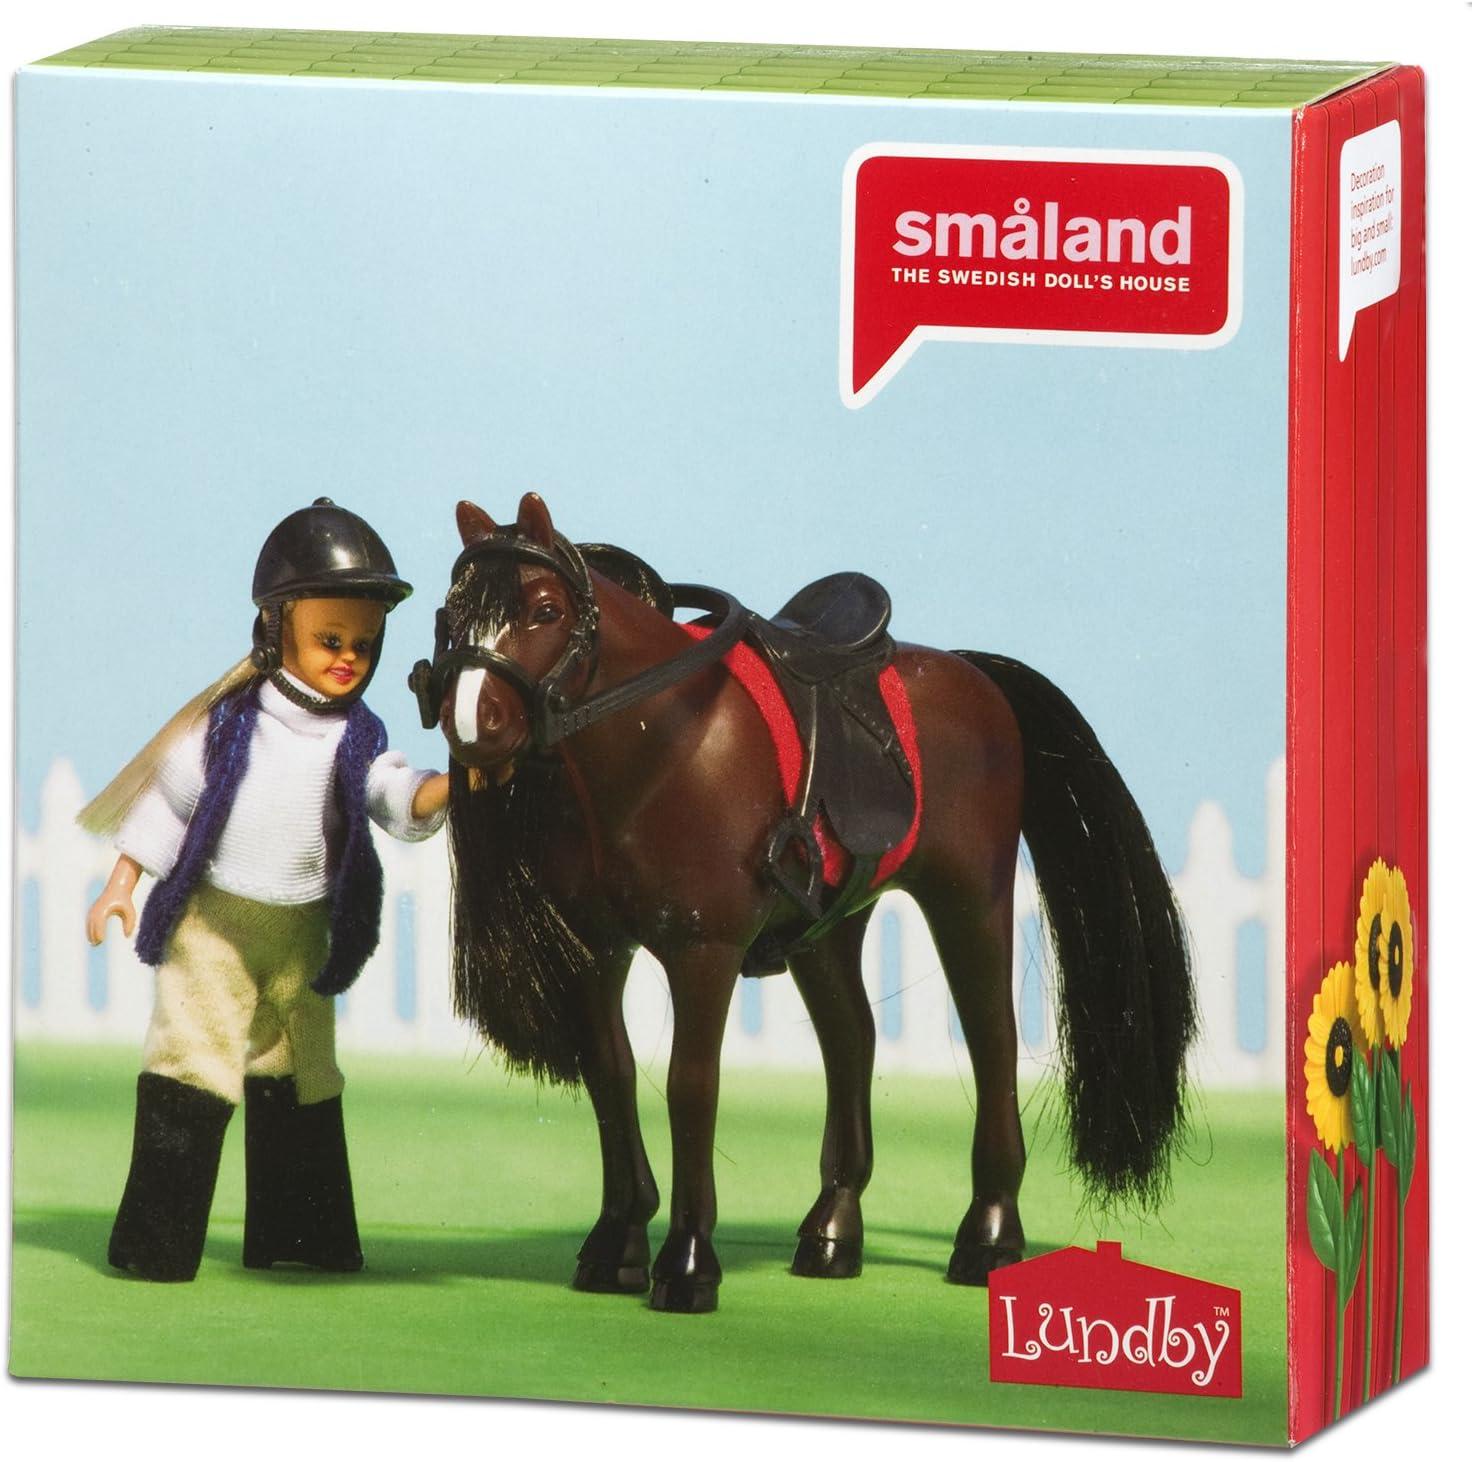 LUNDBY Smaland cheval plus poupée fille